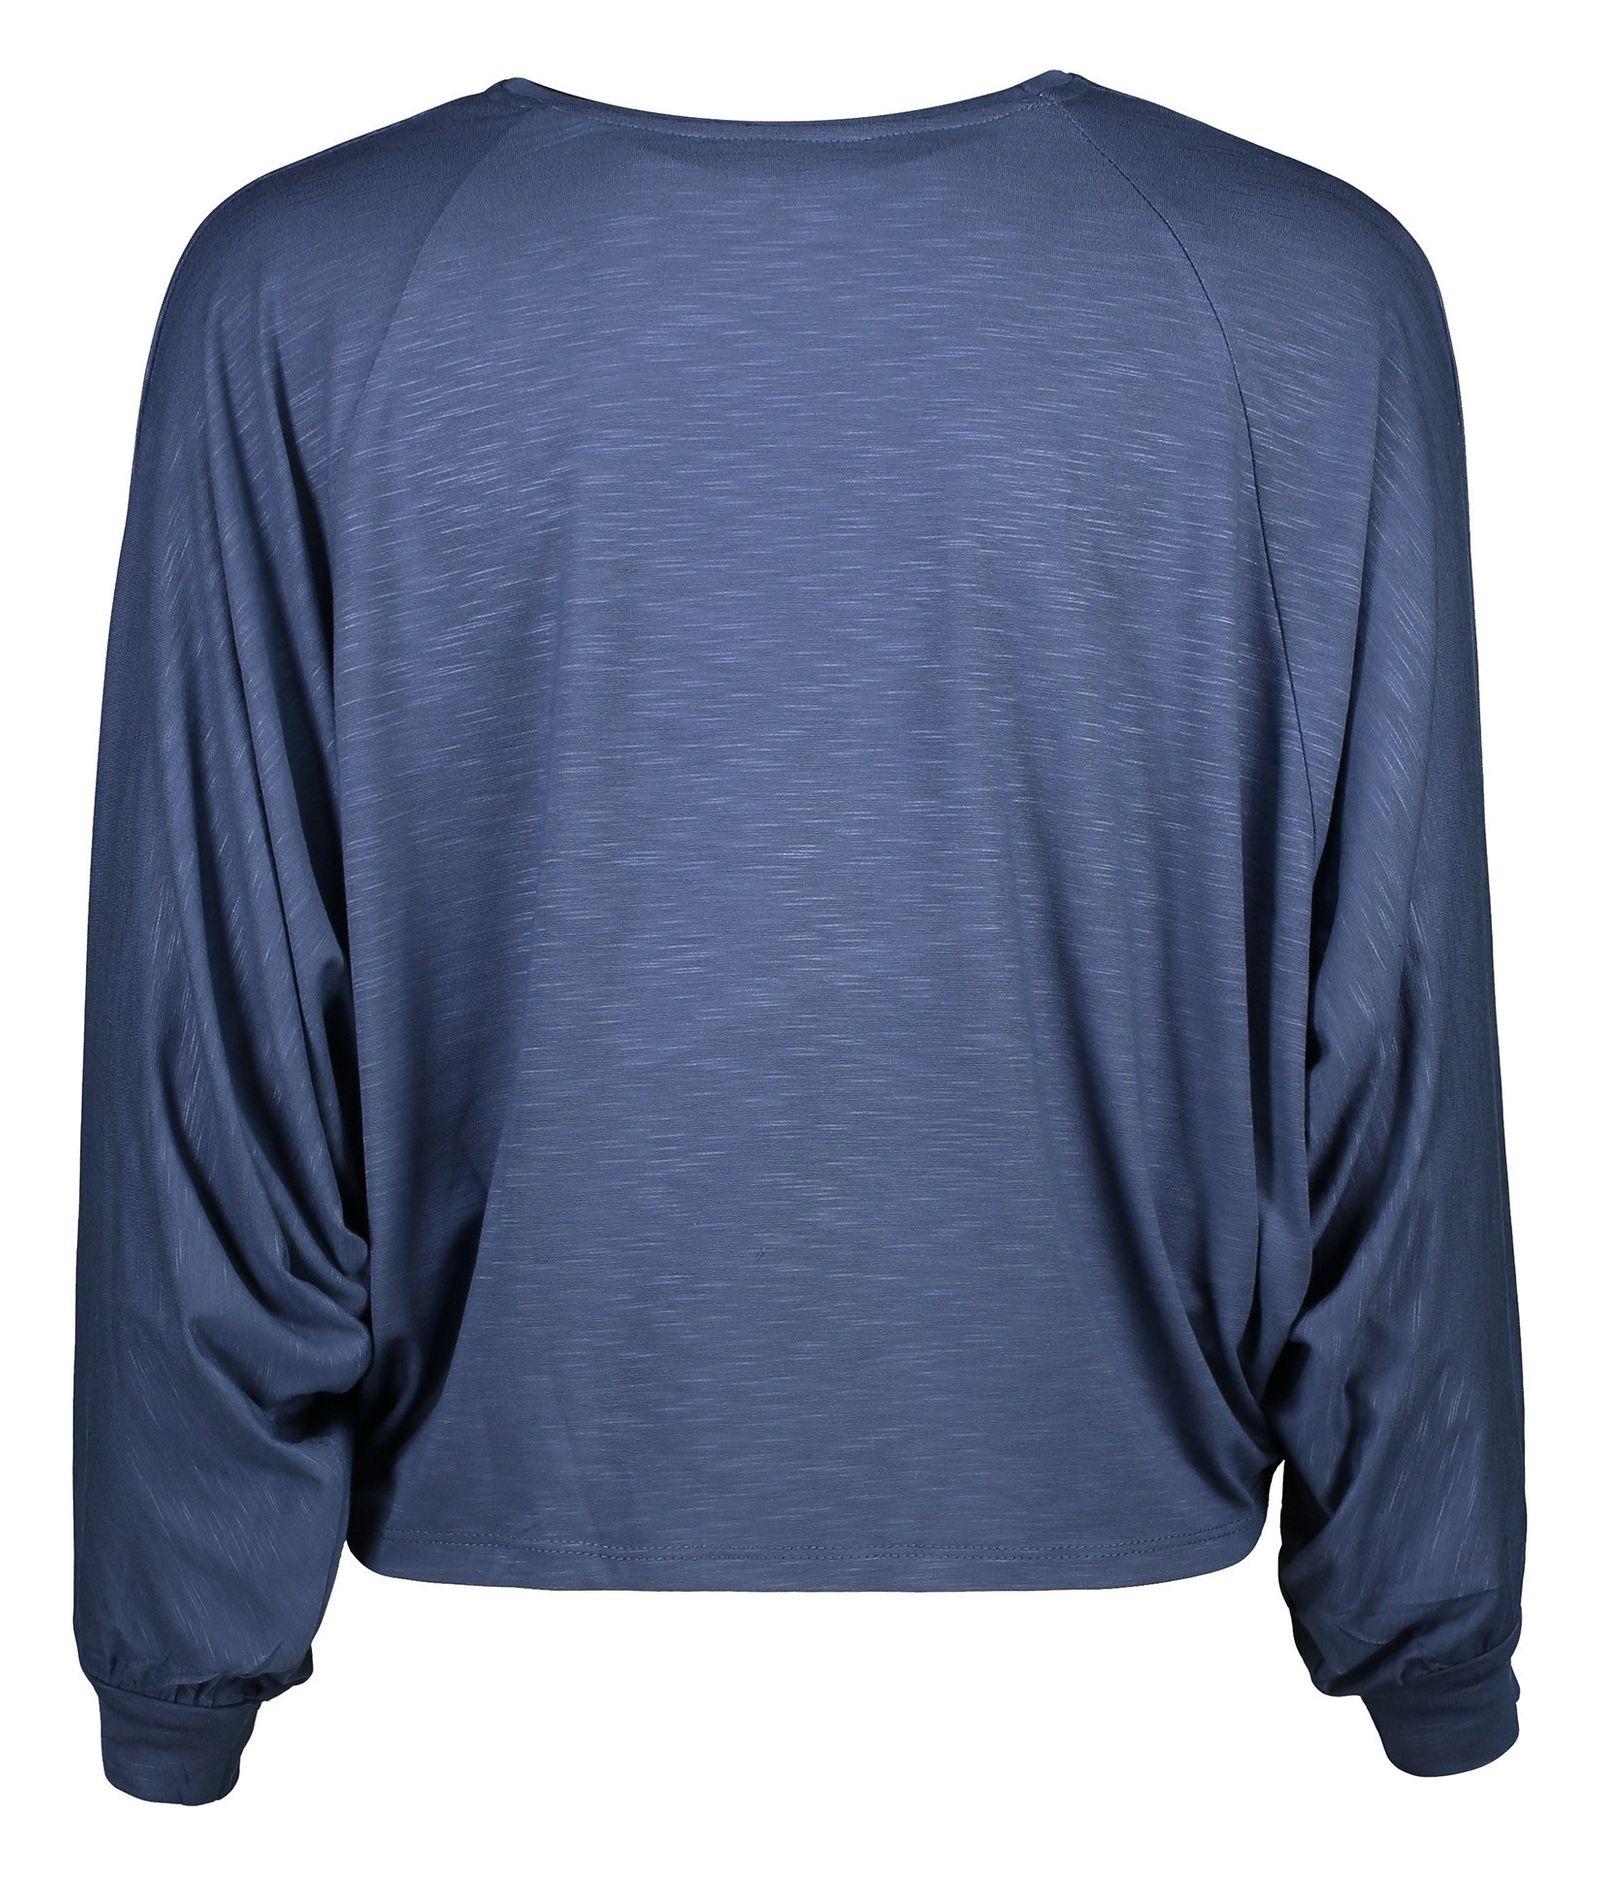 تی شرت ویسکوز آستین بلند زنانه - گارودی - آبي نفتي - 2